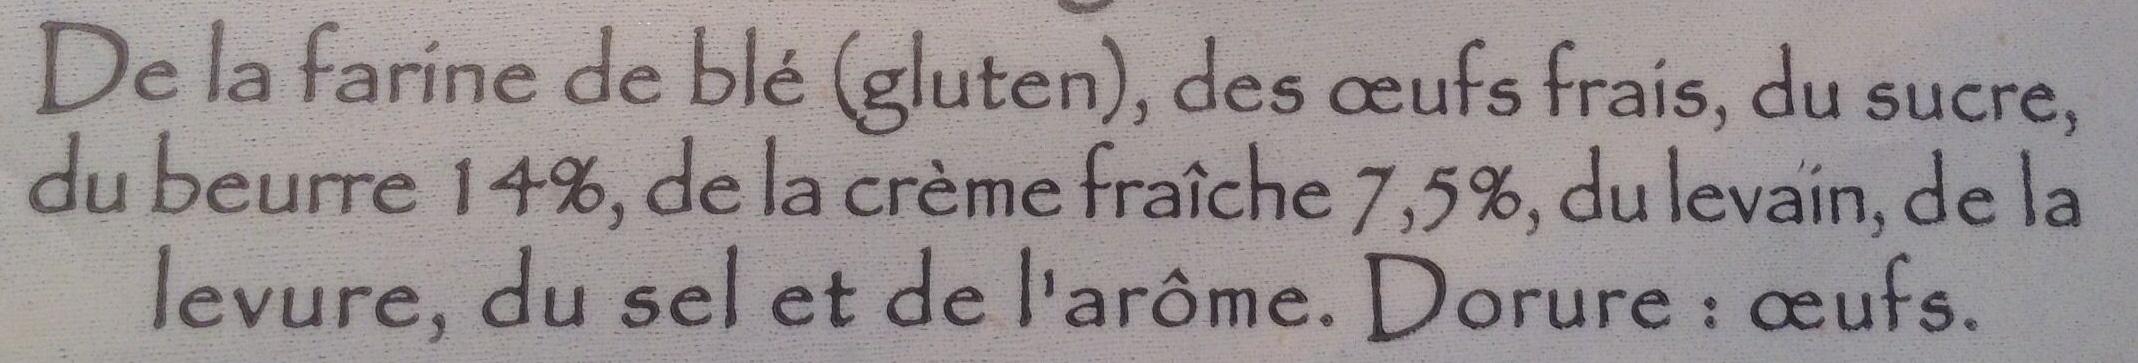 Gâche en tranches (Pur beurre et à la crème fraîche) - Ingrédients